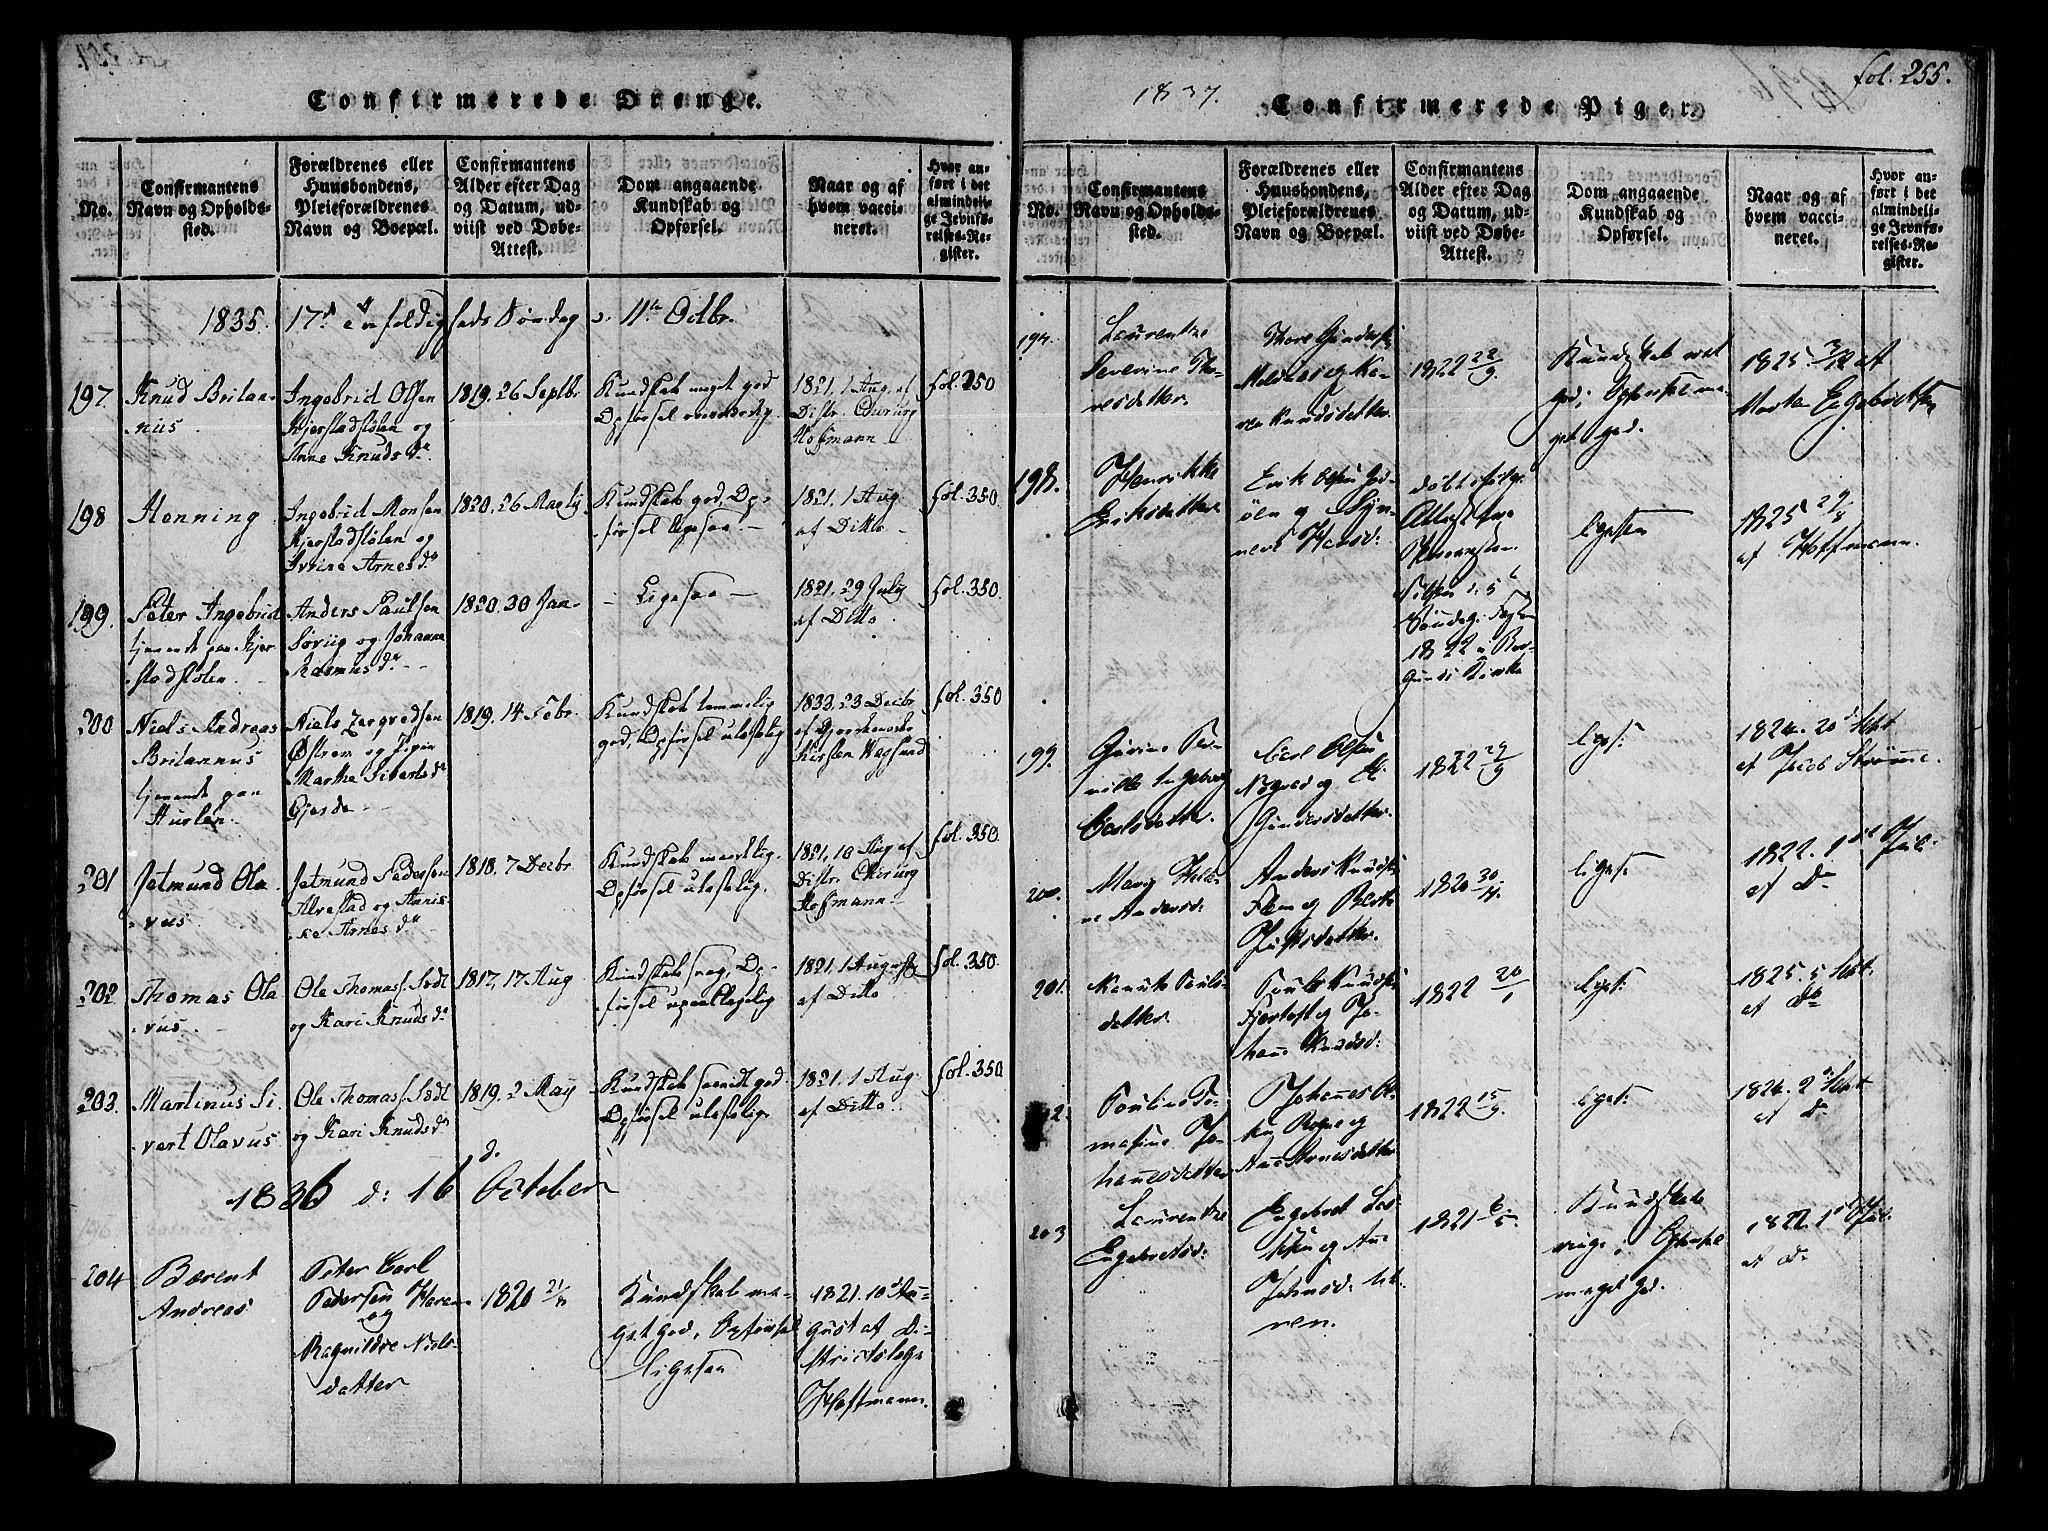 SAT, Ministerialprotokoller, klokkerbøker og fødselsregistre - Møre og Romsdal, 536/L0495: Ministerialbok nr. 536A04, 1818-1847, s. 255